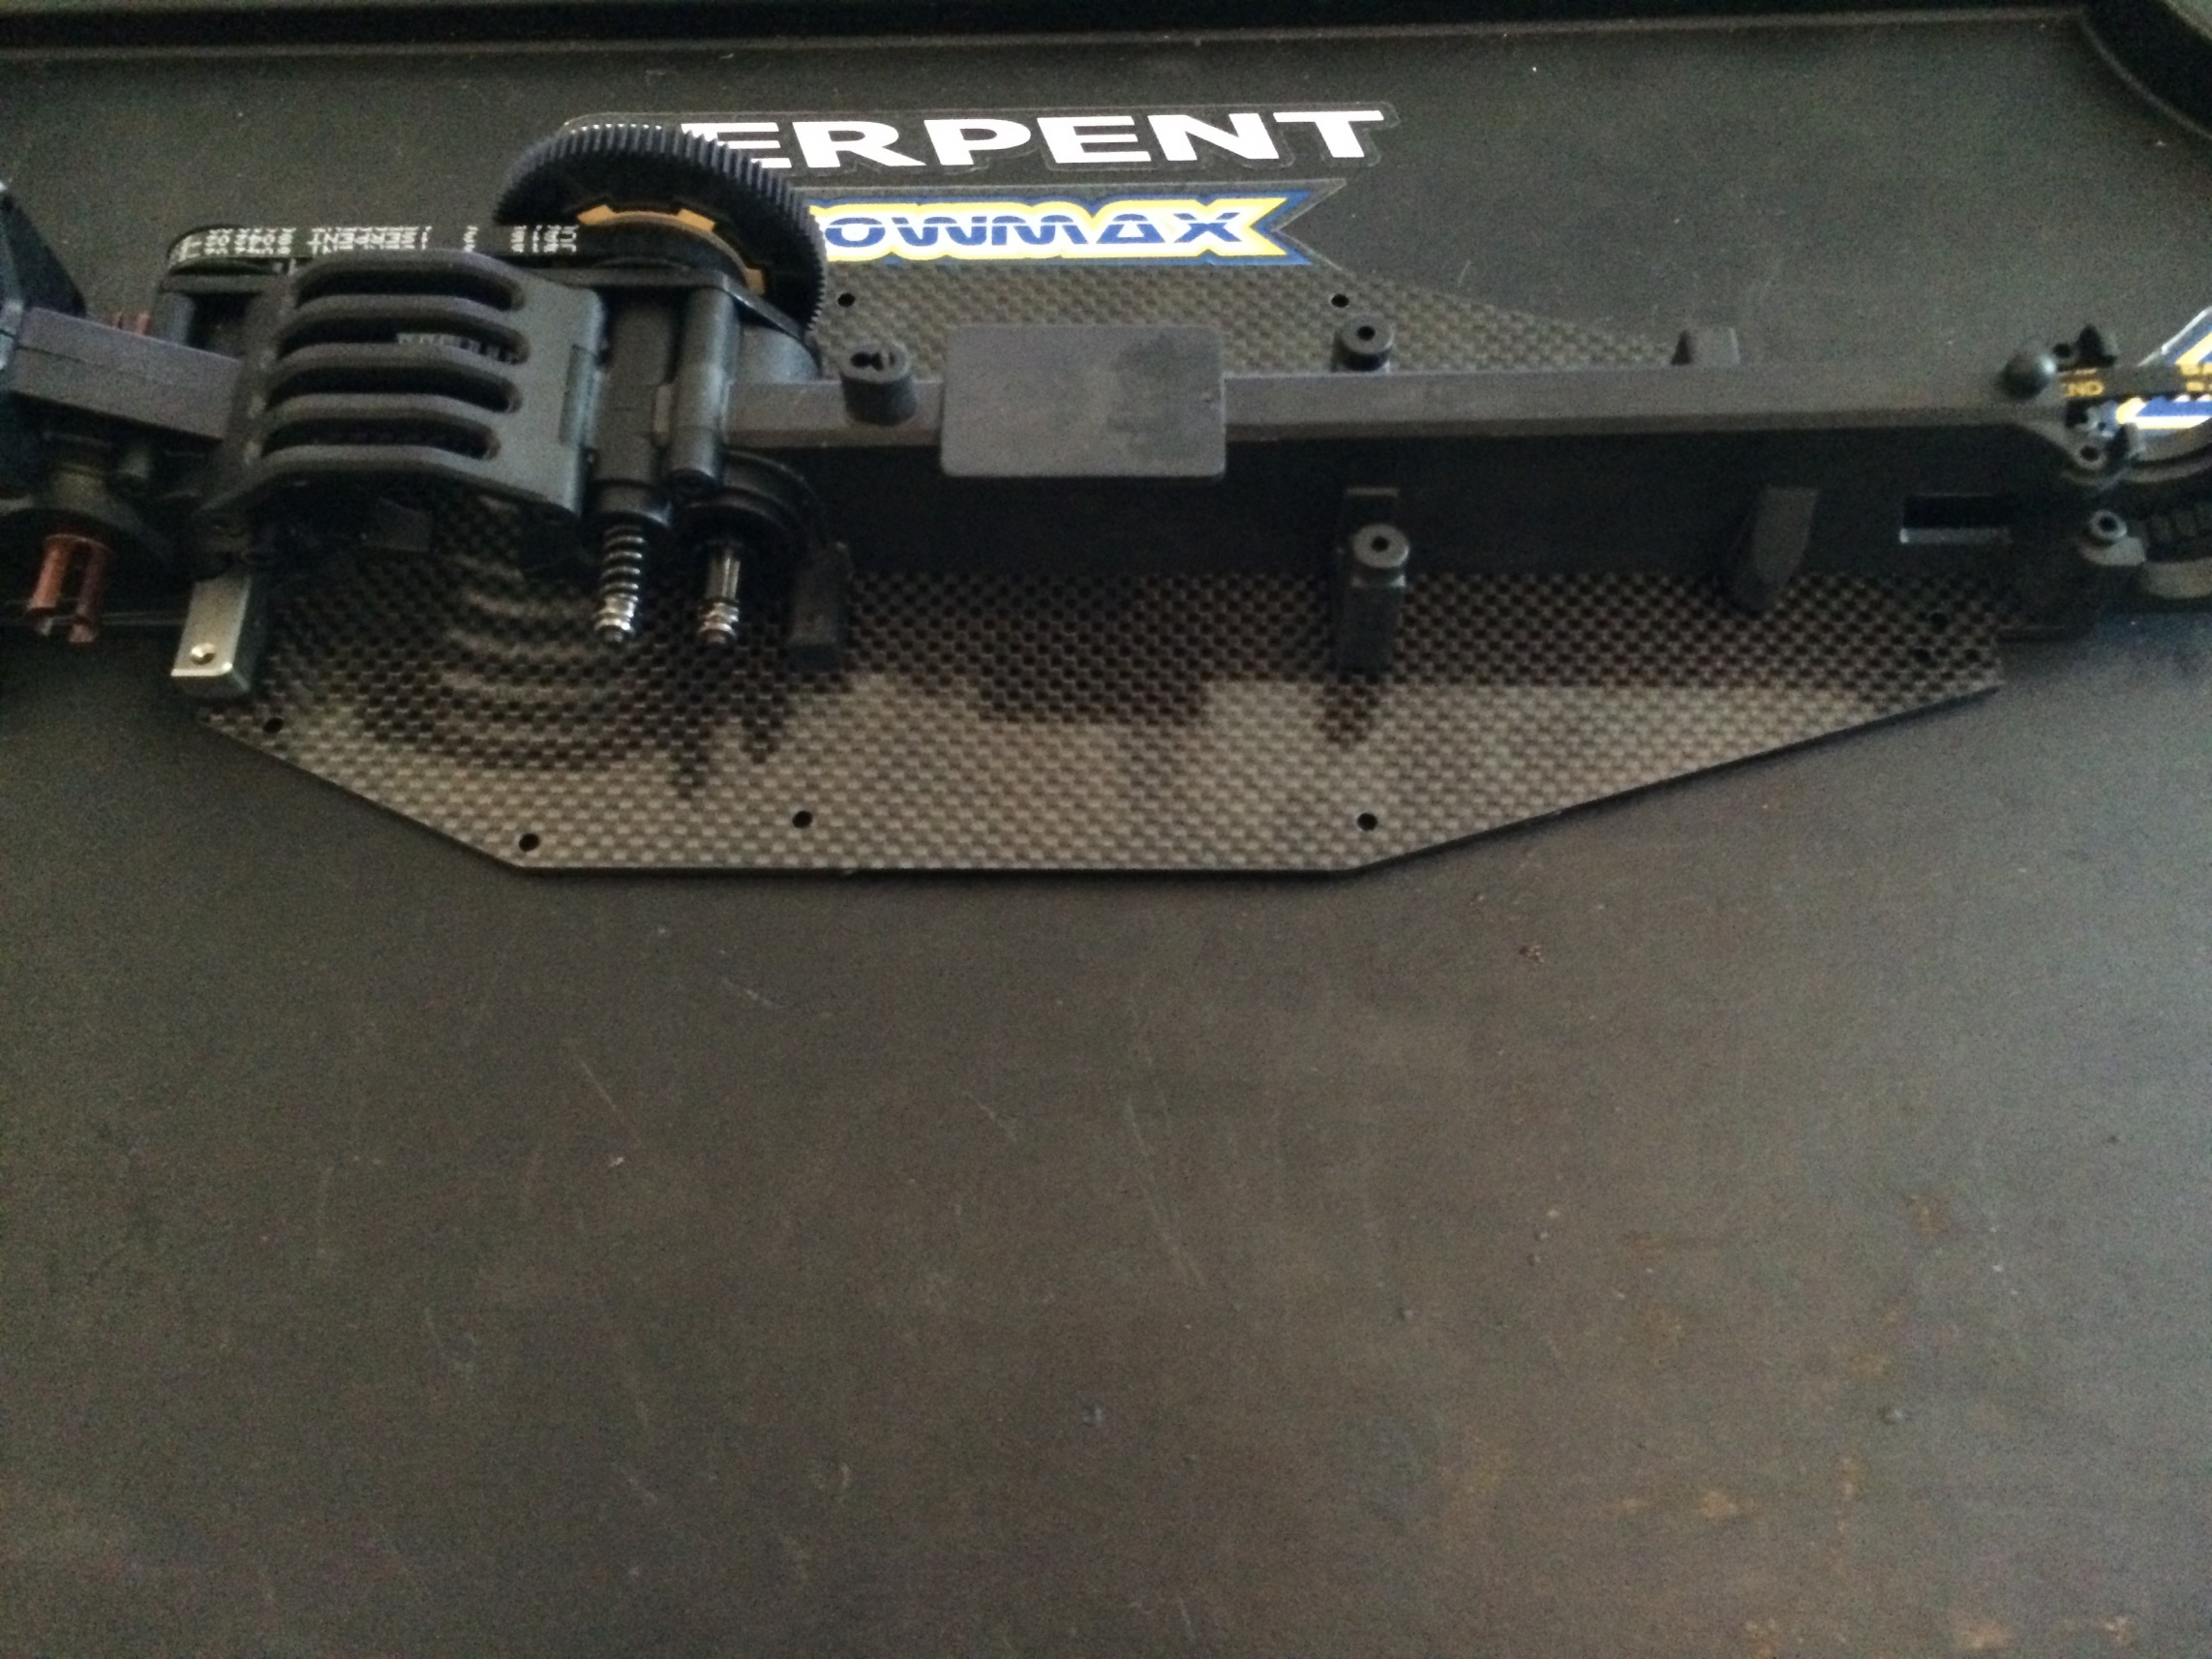 Serpent SRX-4 Build 057